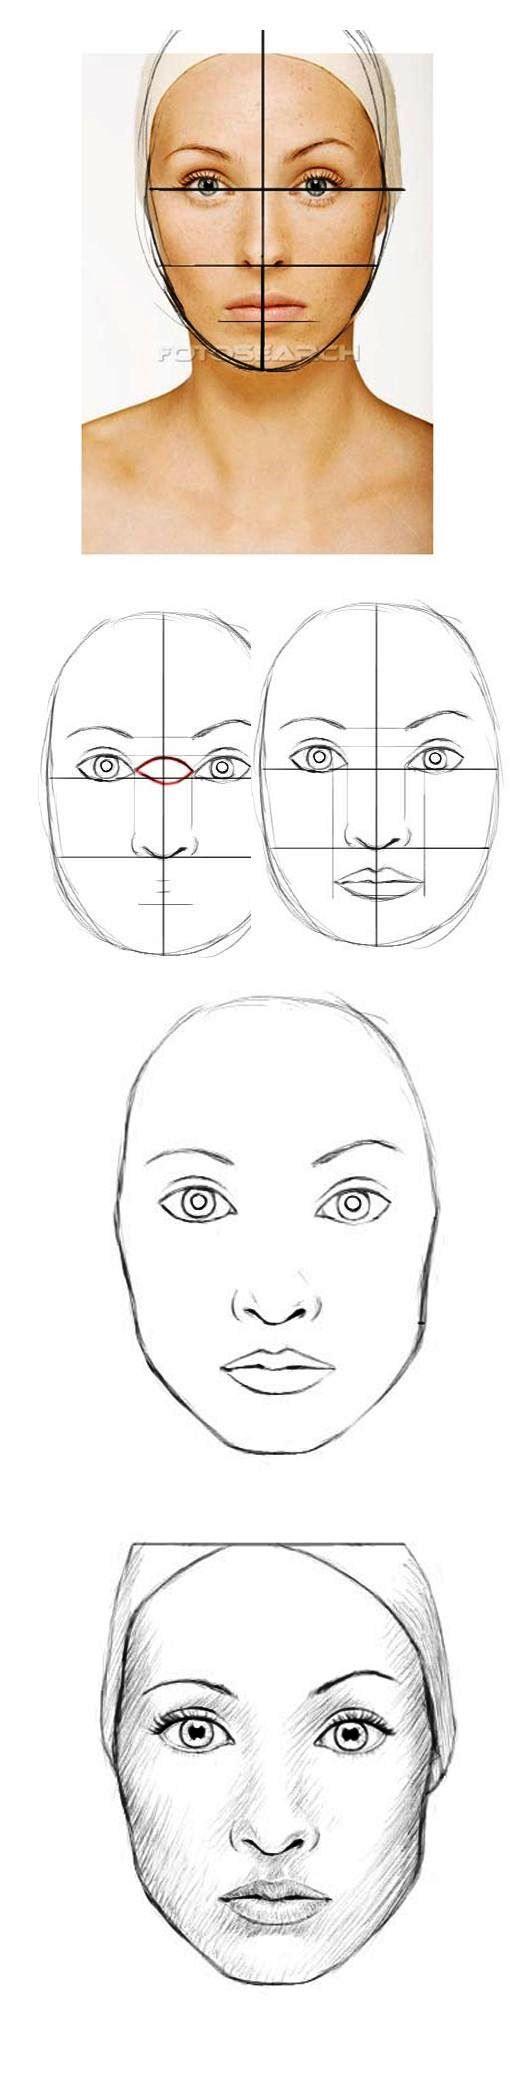 Как создать реалистичный портрет за 3 минуты Блог